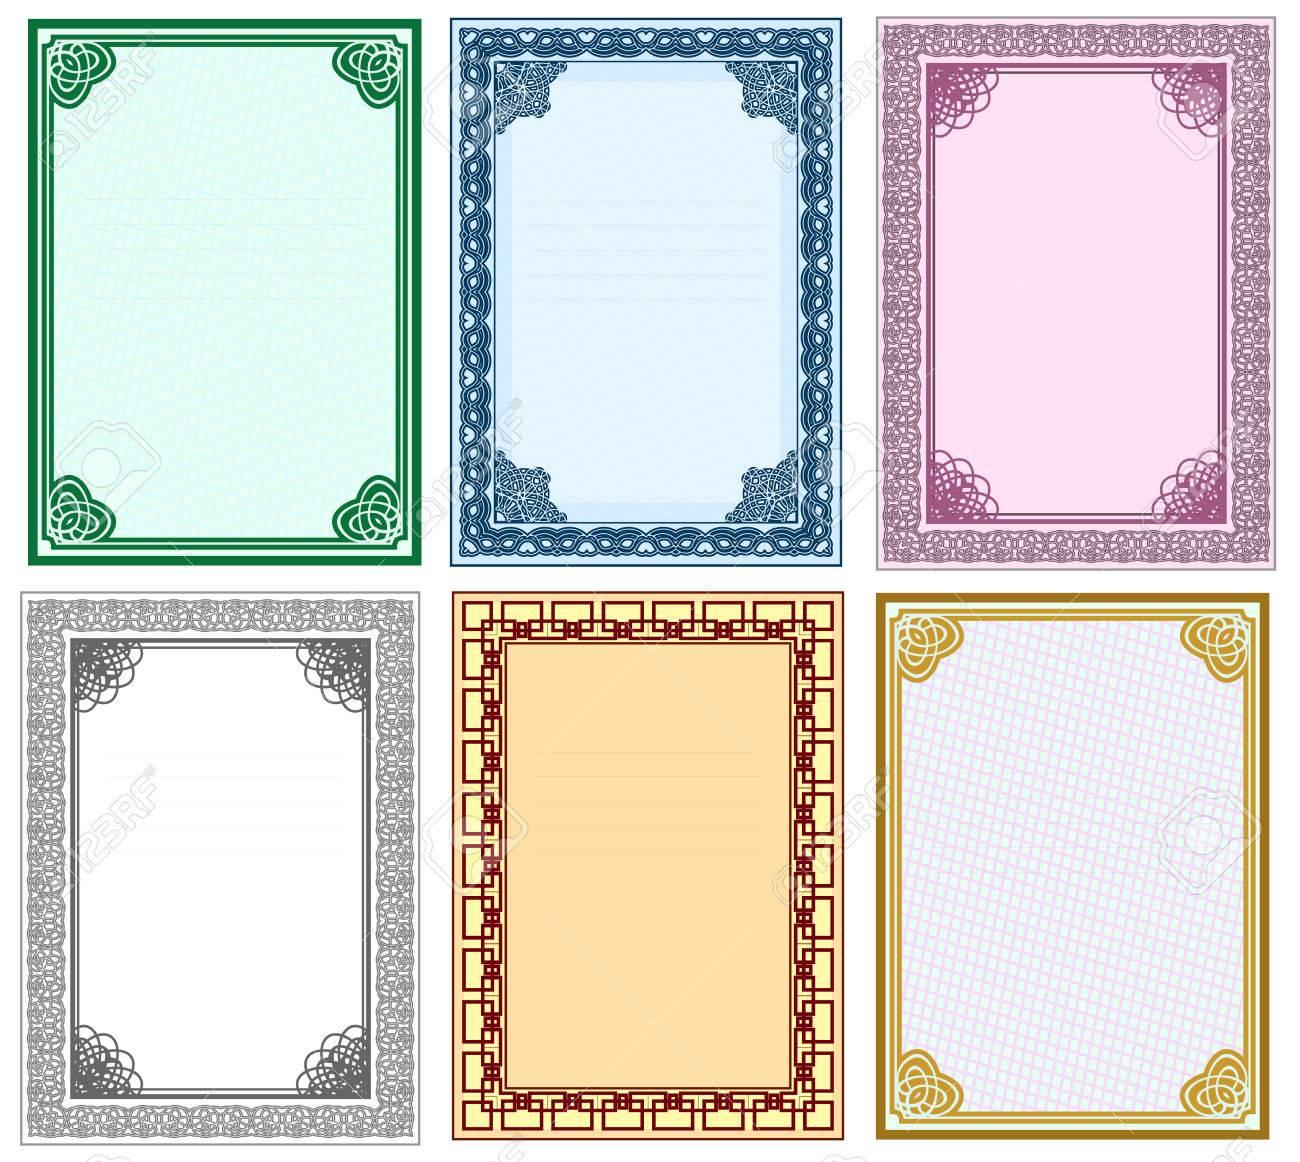 Marco Para El Diseño De Los Certificados Y Diplomas. El Conjunto Del ...